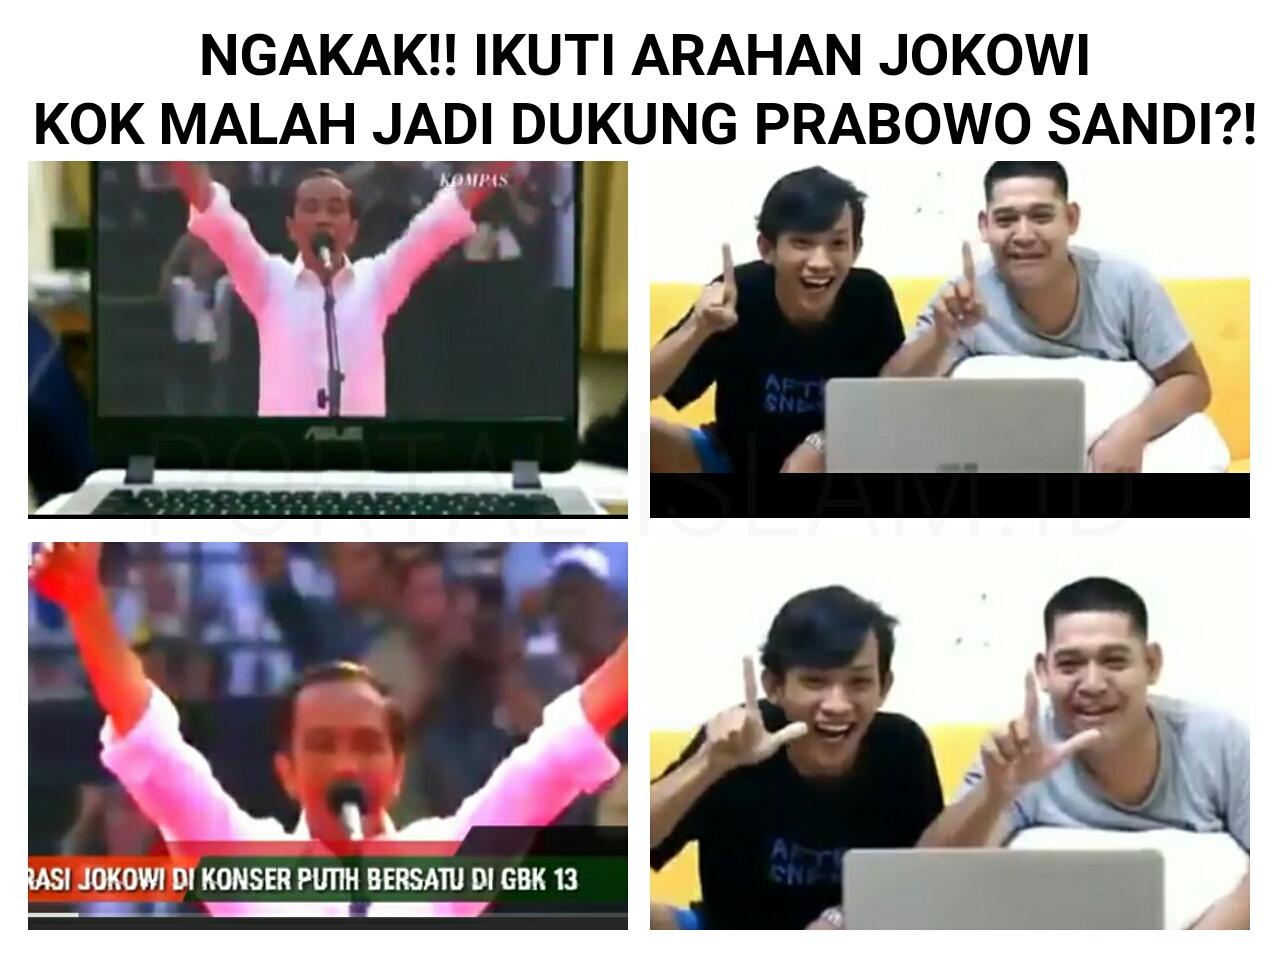 Id sebuah video singkat berisi dua pemuda yang menyaksikan orasi calon presiden petahana joko widodo dalam acara konser putih bersatu di gelora bung karno